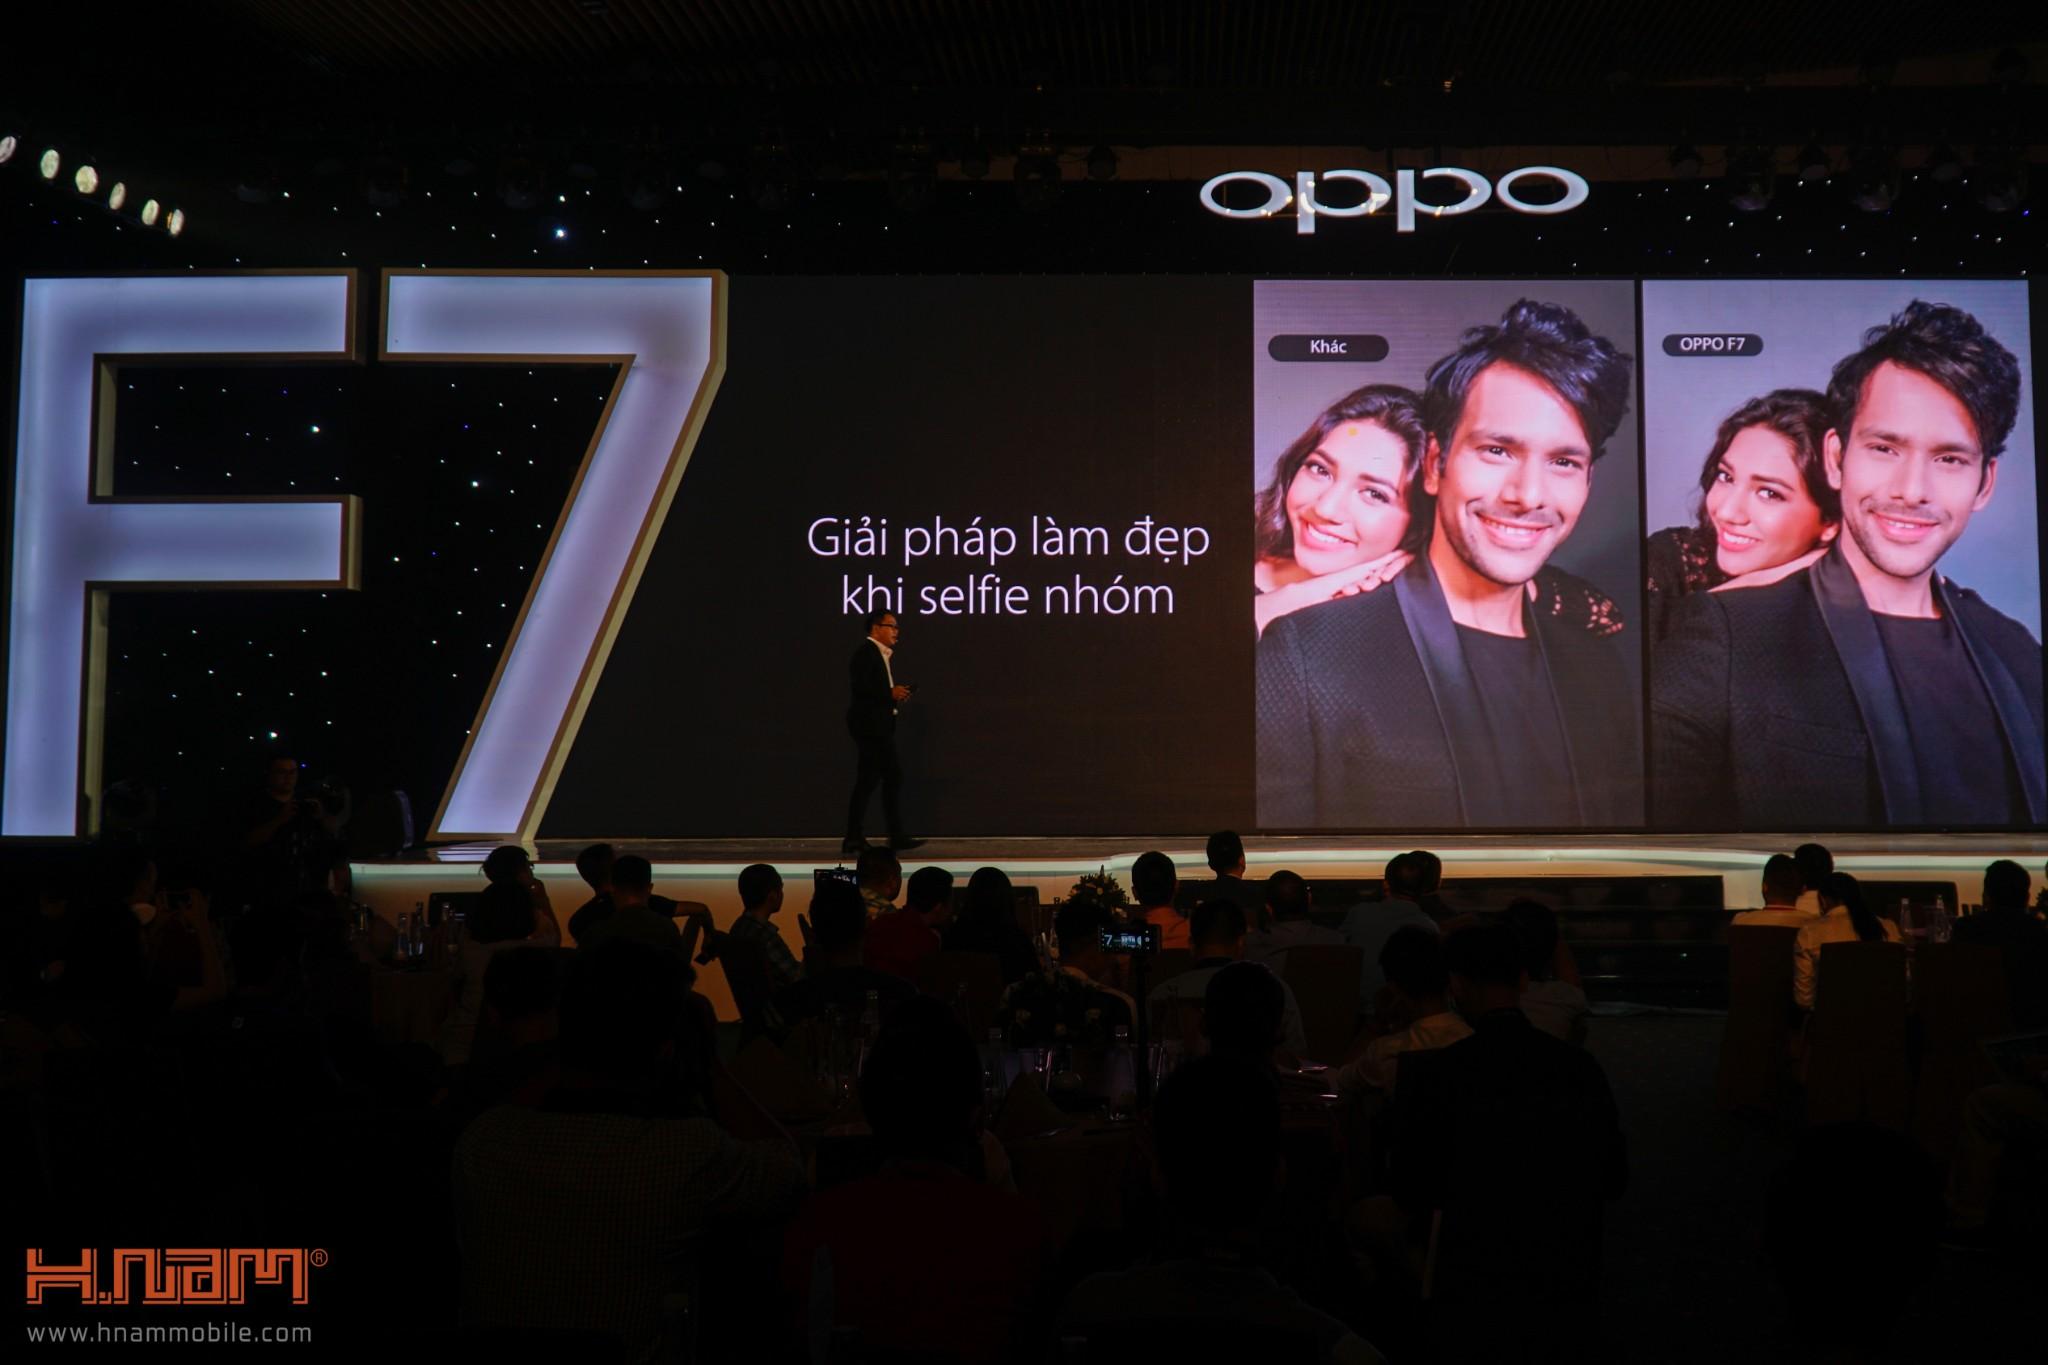 Oppo chính thức ra mắt Oppo F7 tai Việt Nam với giá bán cực kỳ hấp dẫn hình 6